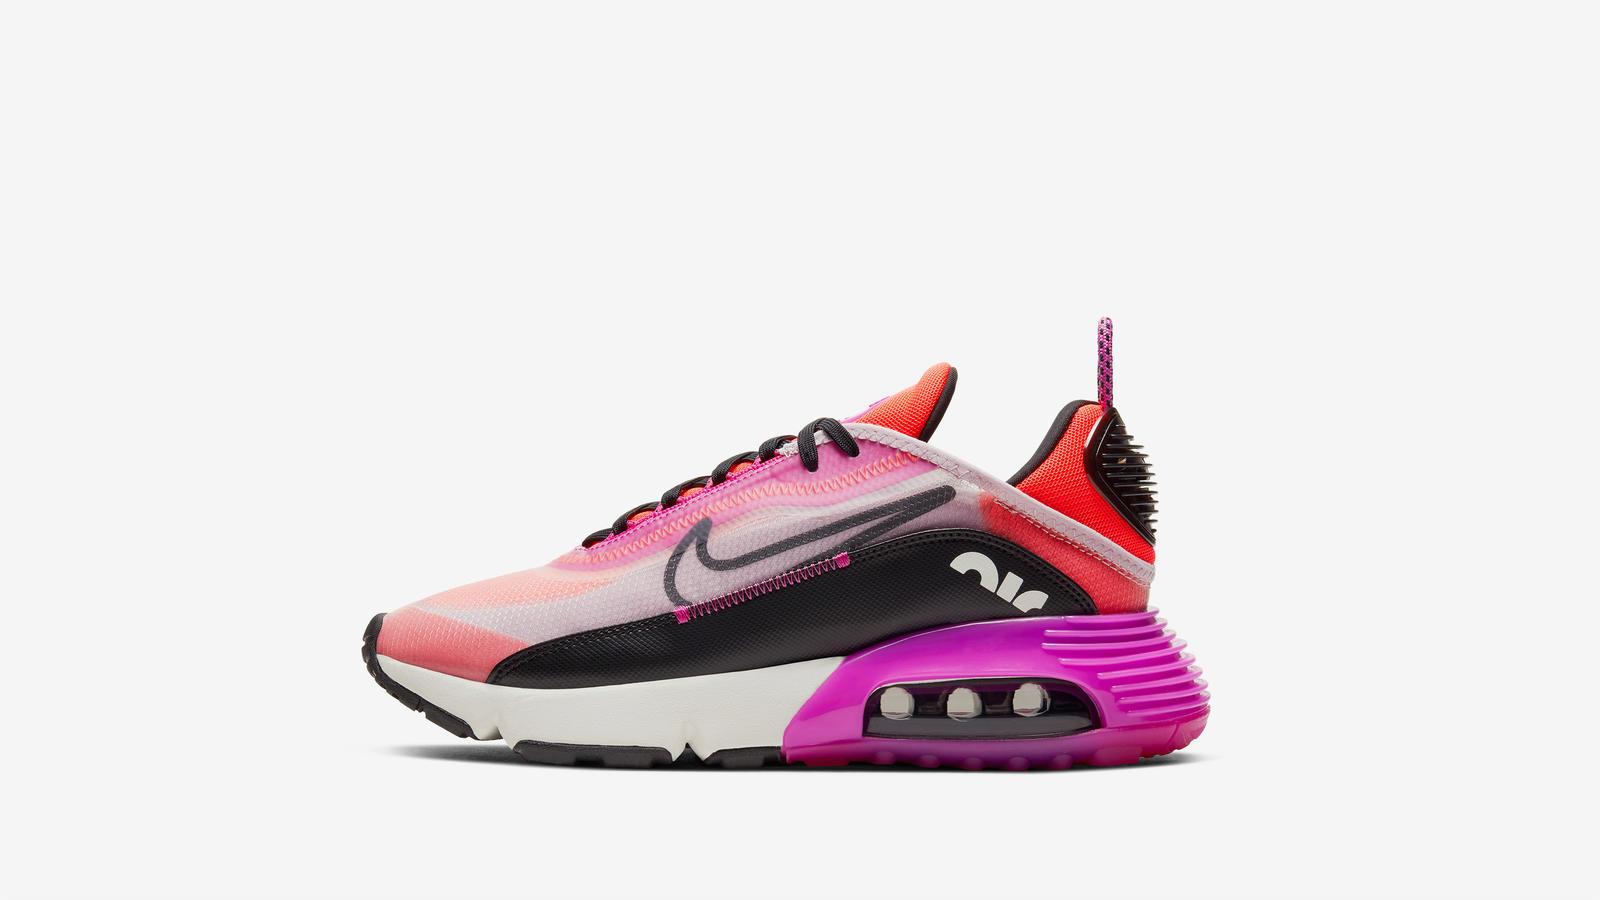 Nike Air Max 2090 Summer 2020 8